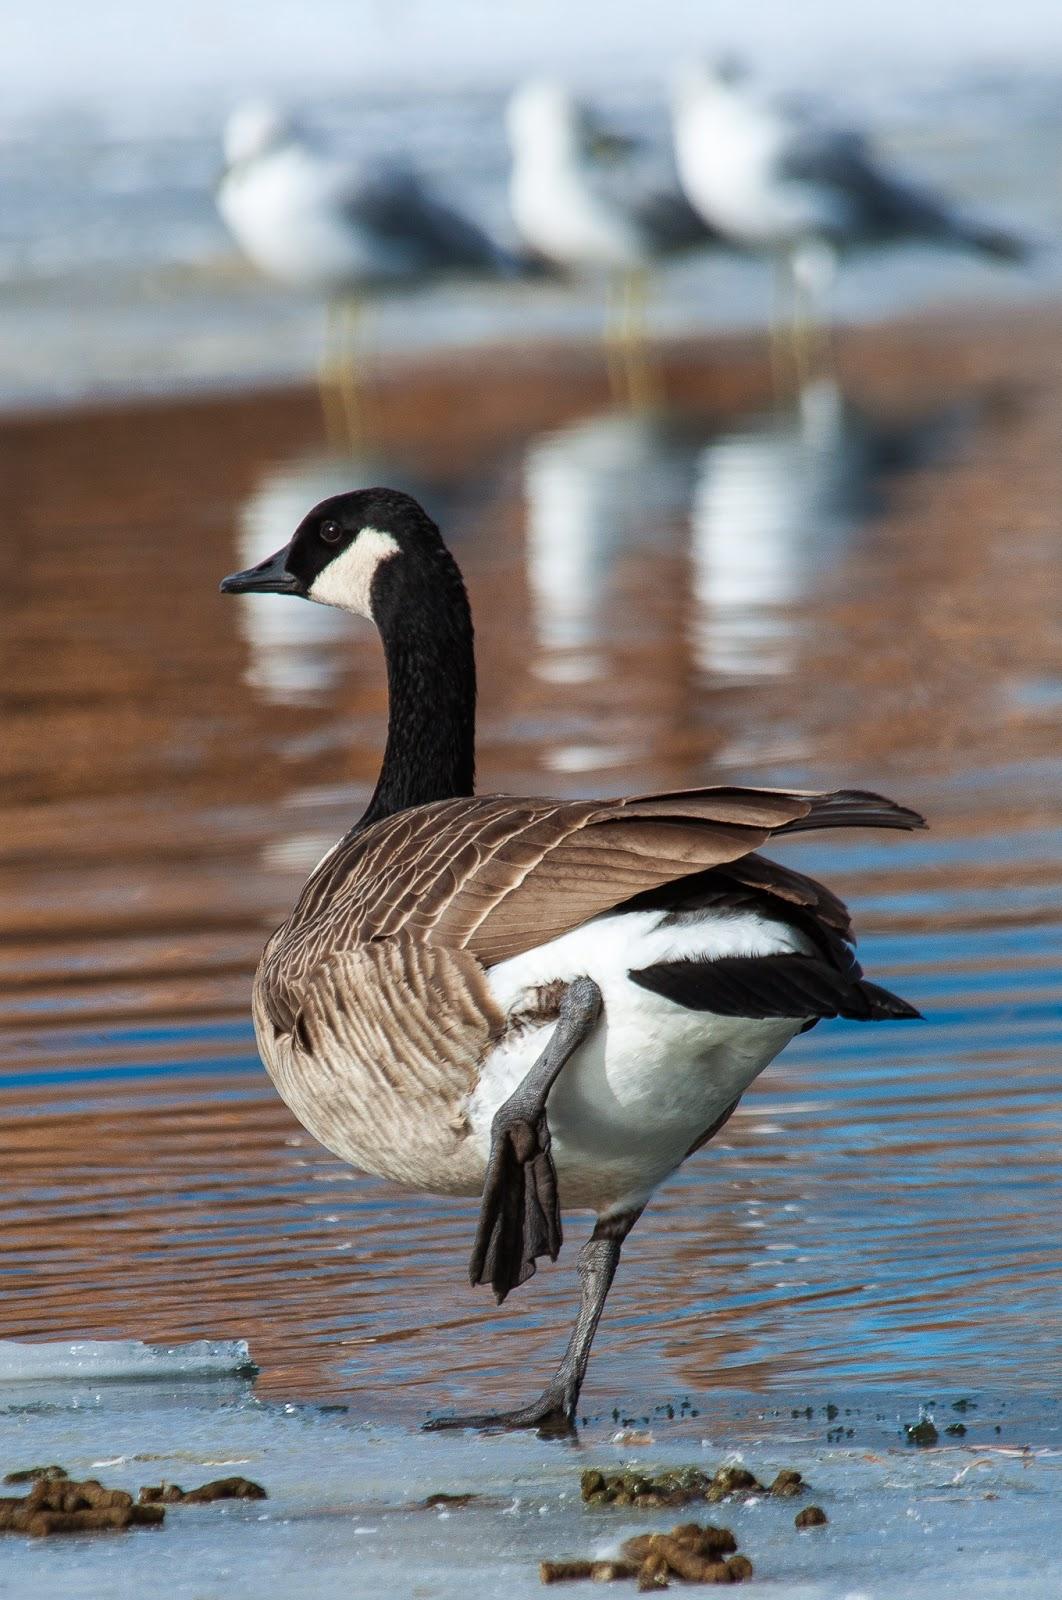 Canada Goose, Kountze Lake